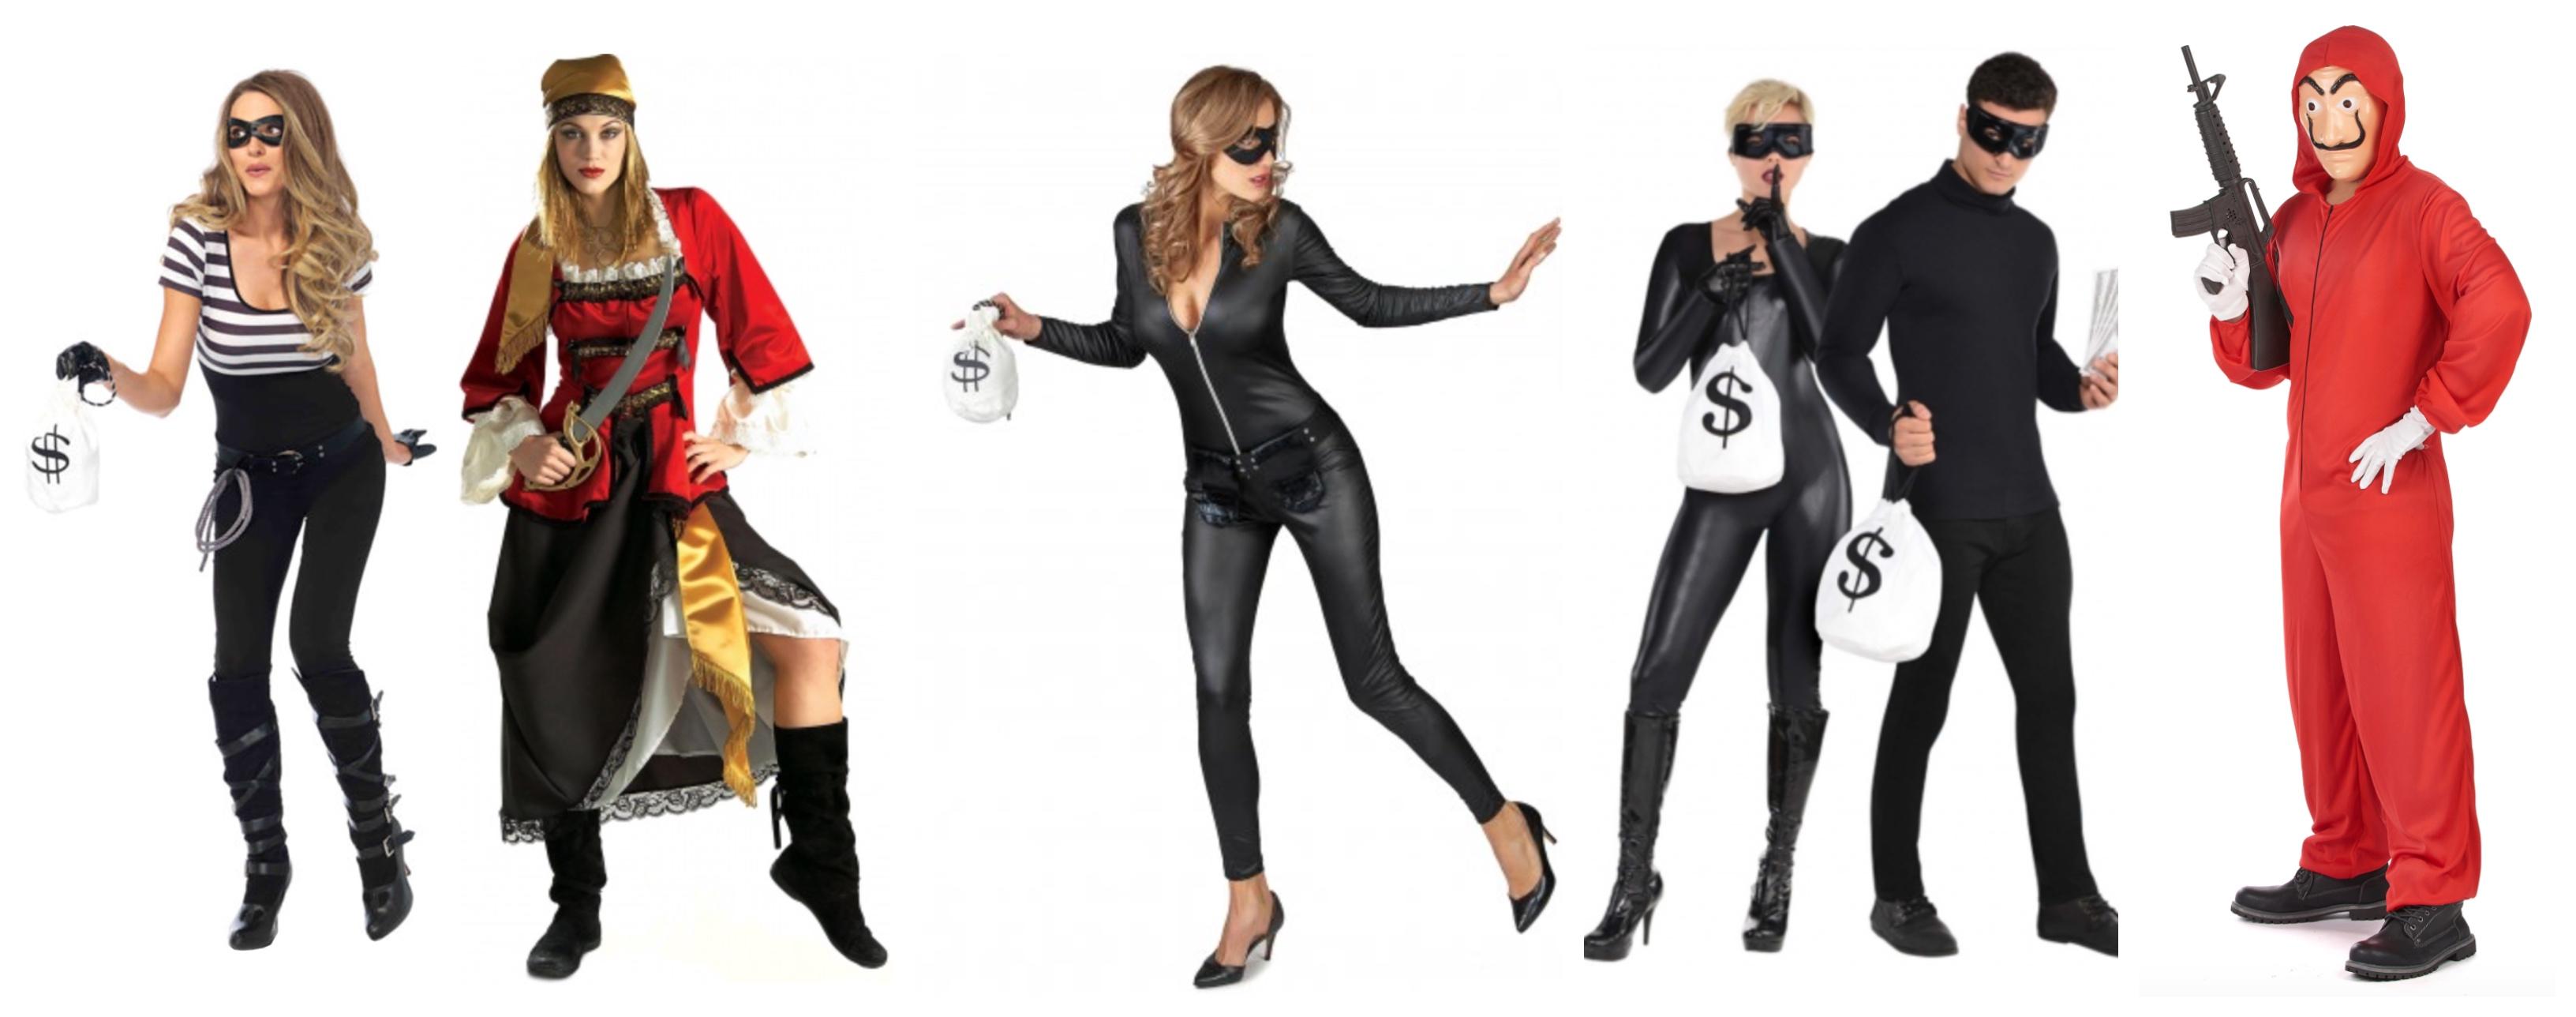 tyveknægt kostume til voksne - Tyveknægt kostume til voksne